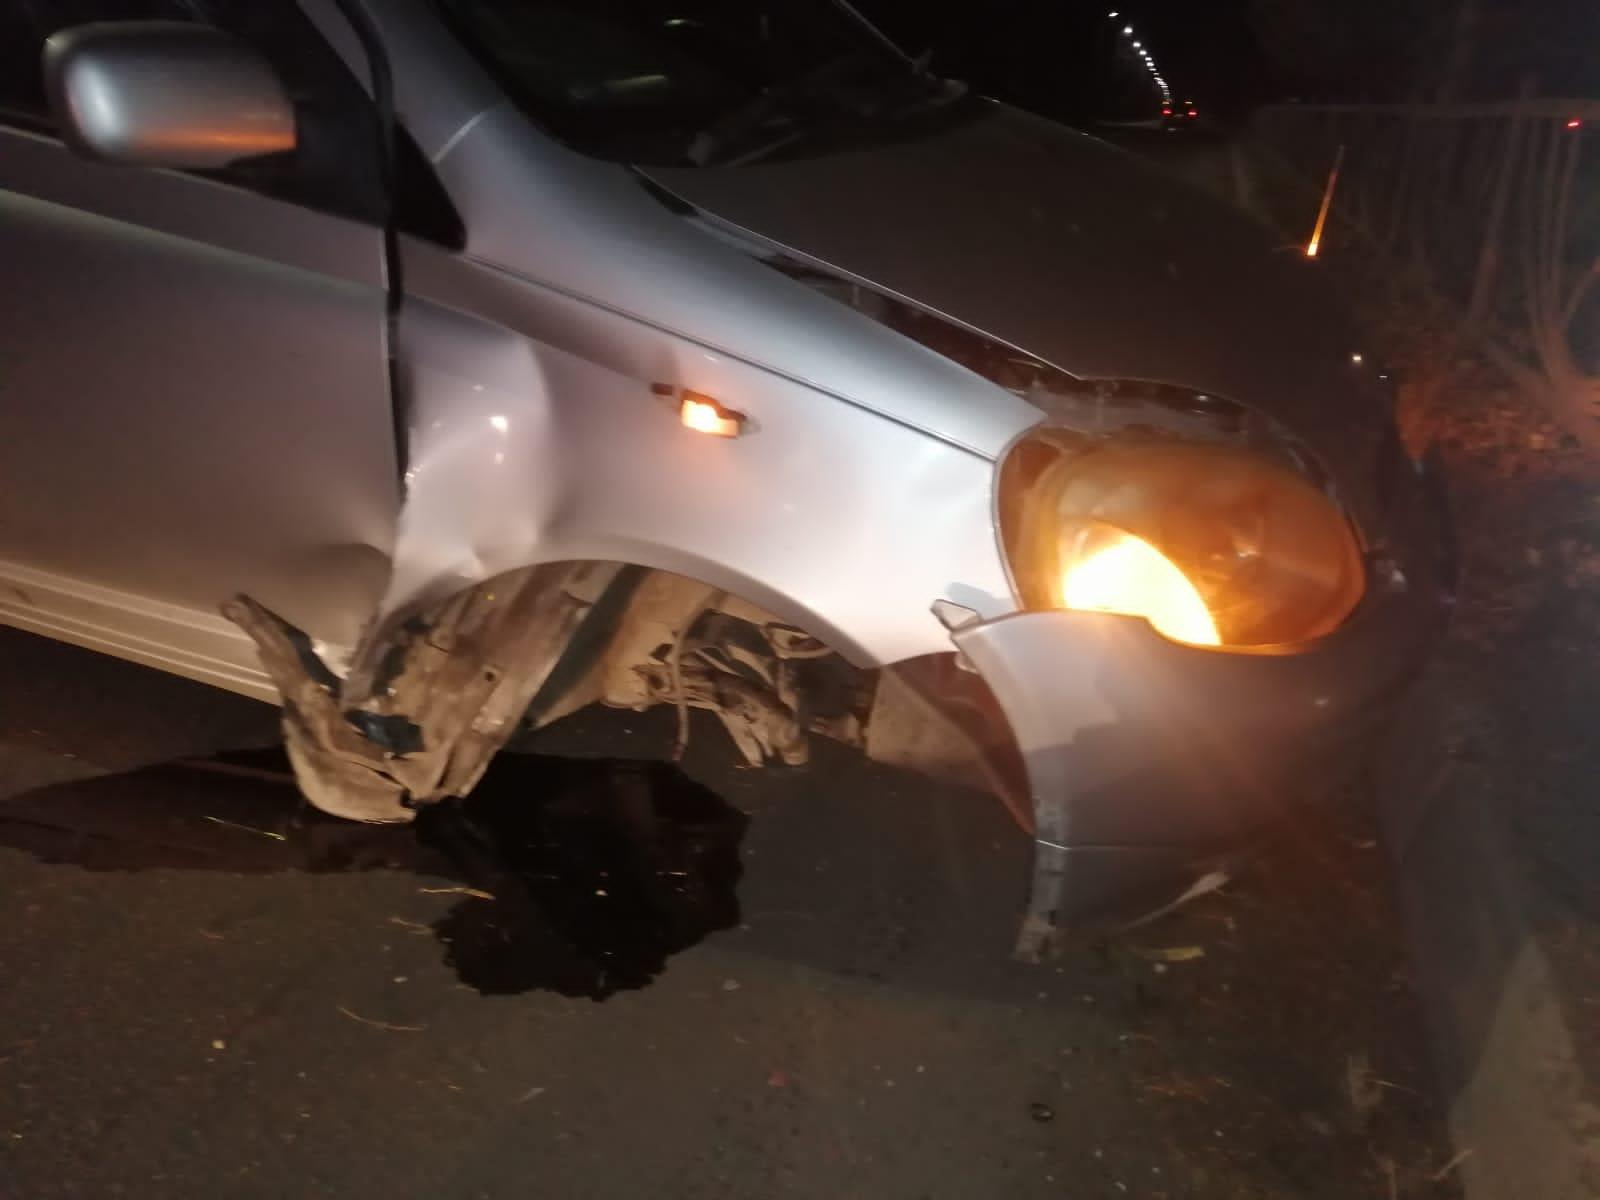 Пьяный и без прав водитель иномарки спровоцировал одиночное ДТП в Биробиджане